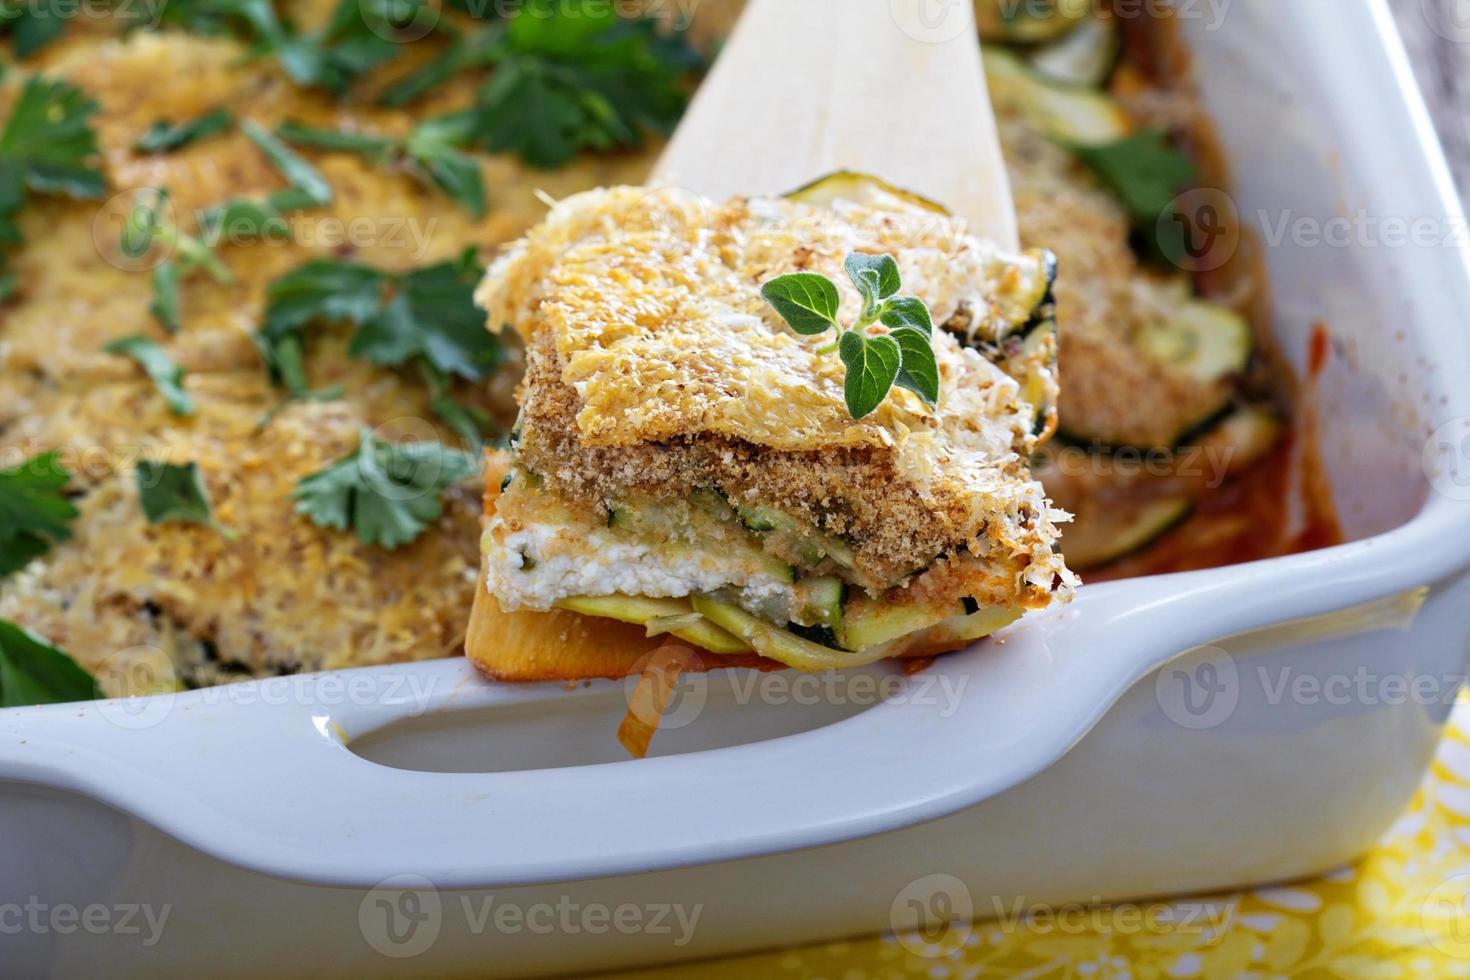 Vegetarian zucchini and ricotta bake photo